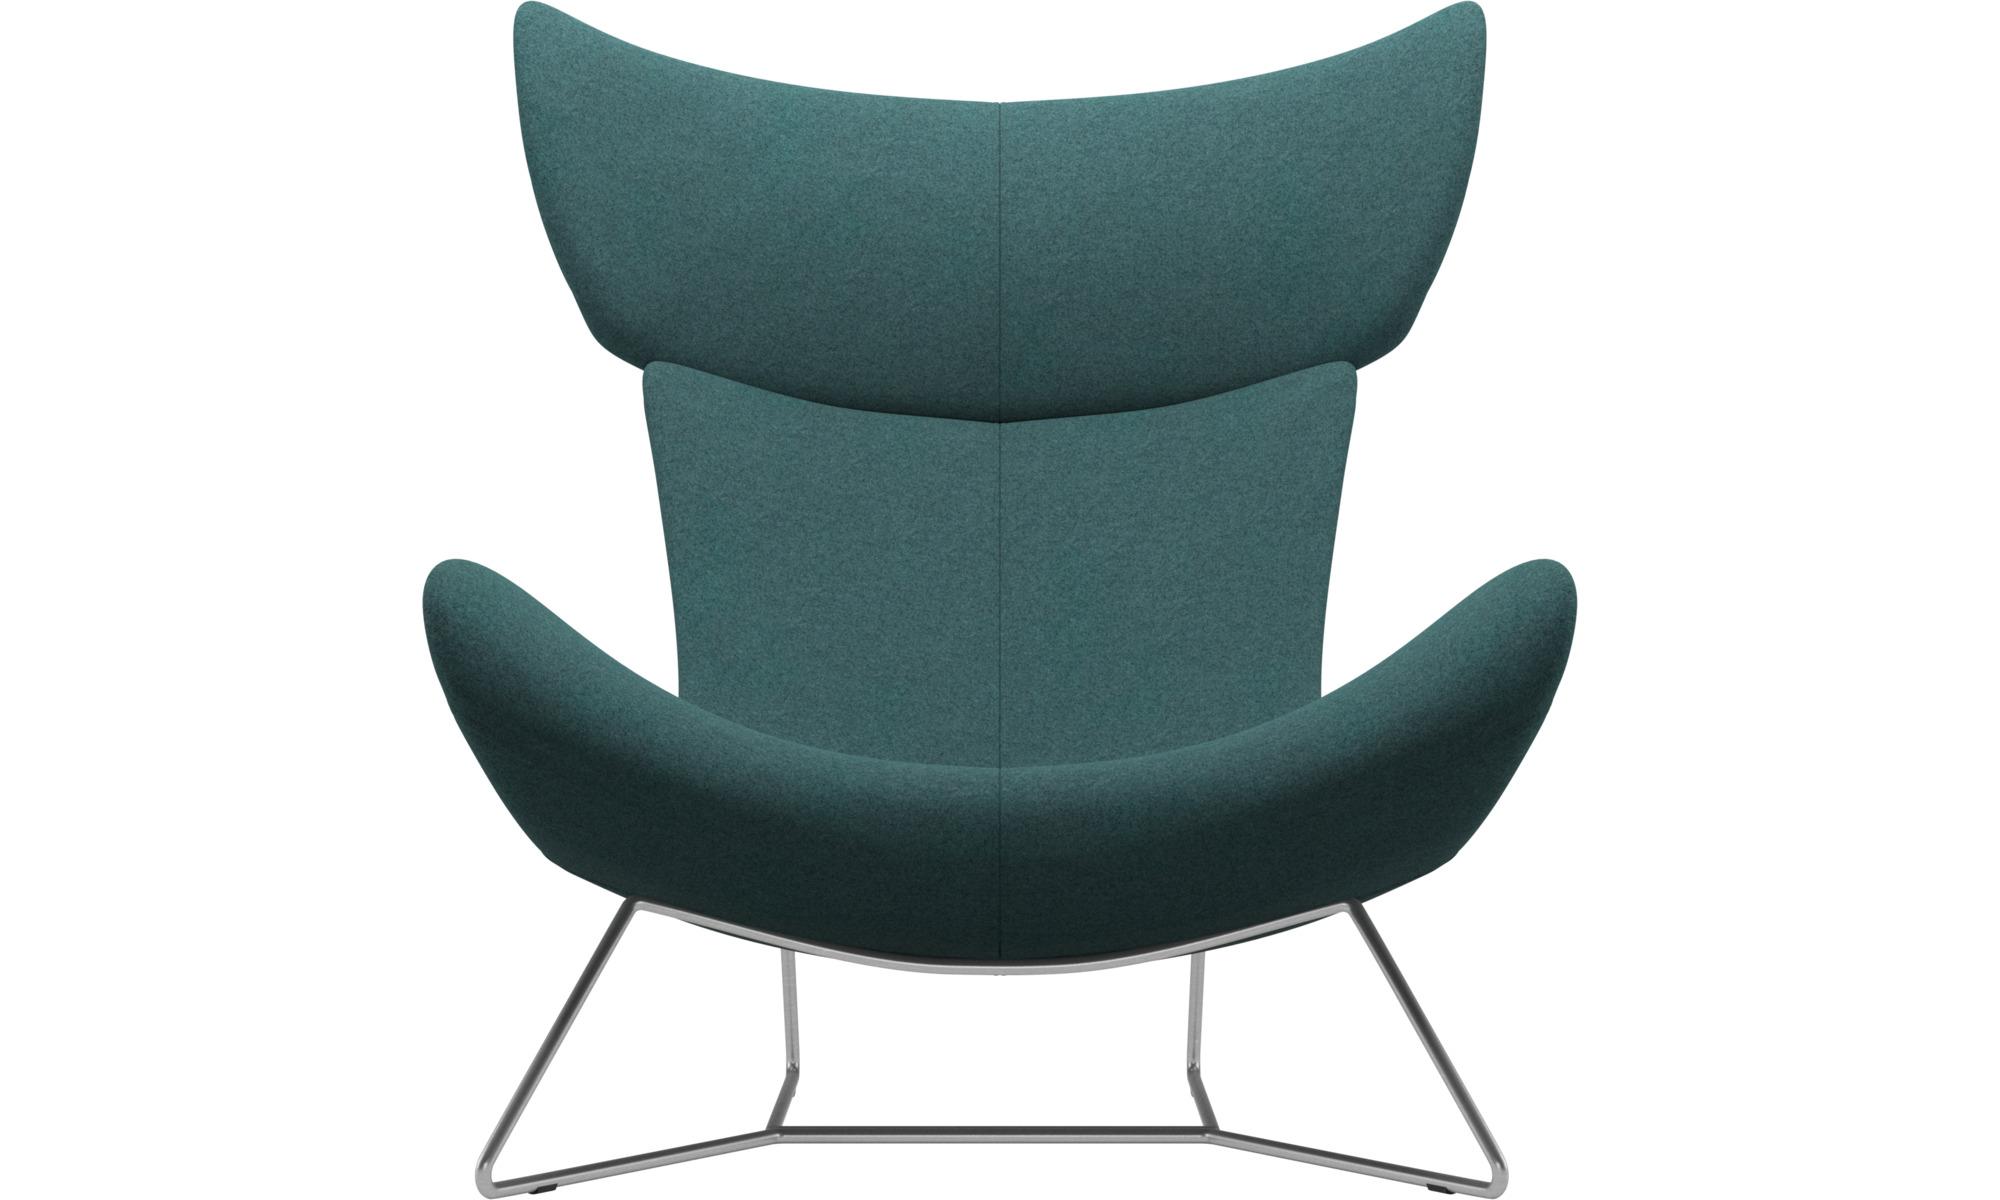 fauteuils fauteuil imola boconcept. Black Bedroom Furniture Sets. Home Design Ideas